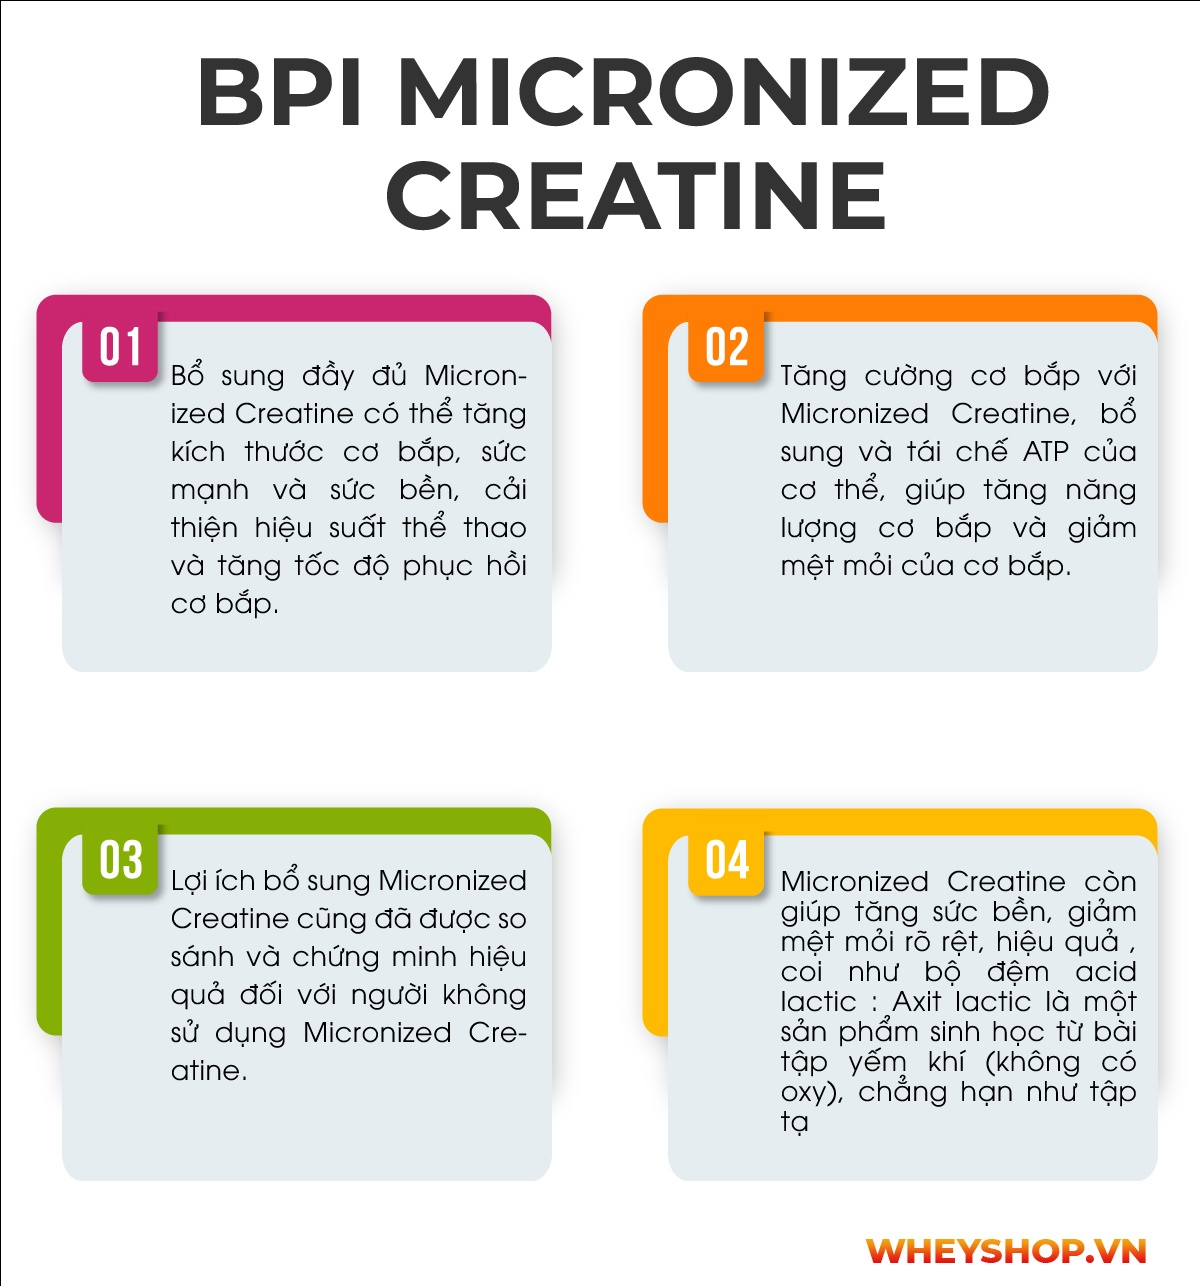 Cùng tìm hiểu BPI Micronized Creatine bổ sung Creatine tinh khiết, hỗ trợ xây dựng cơ bắp, tăng cơ bắp, tăng sức mạnh chính hãng giá rẻ nhất hiện nay chỉ ..